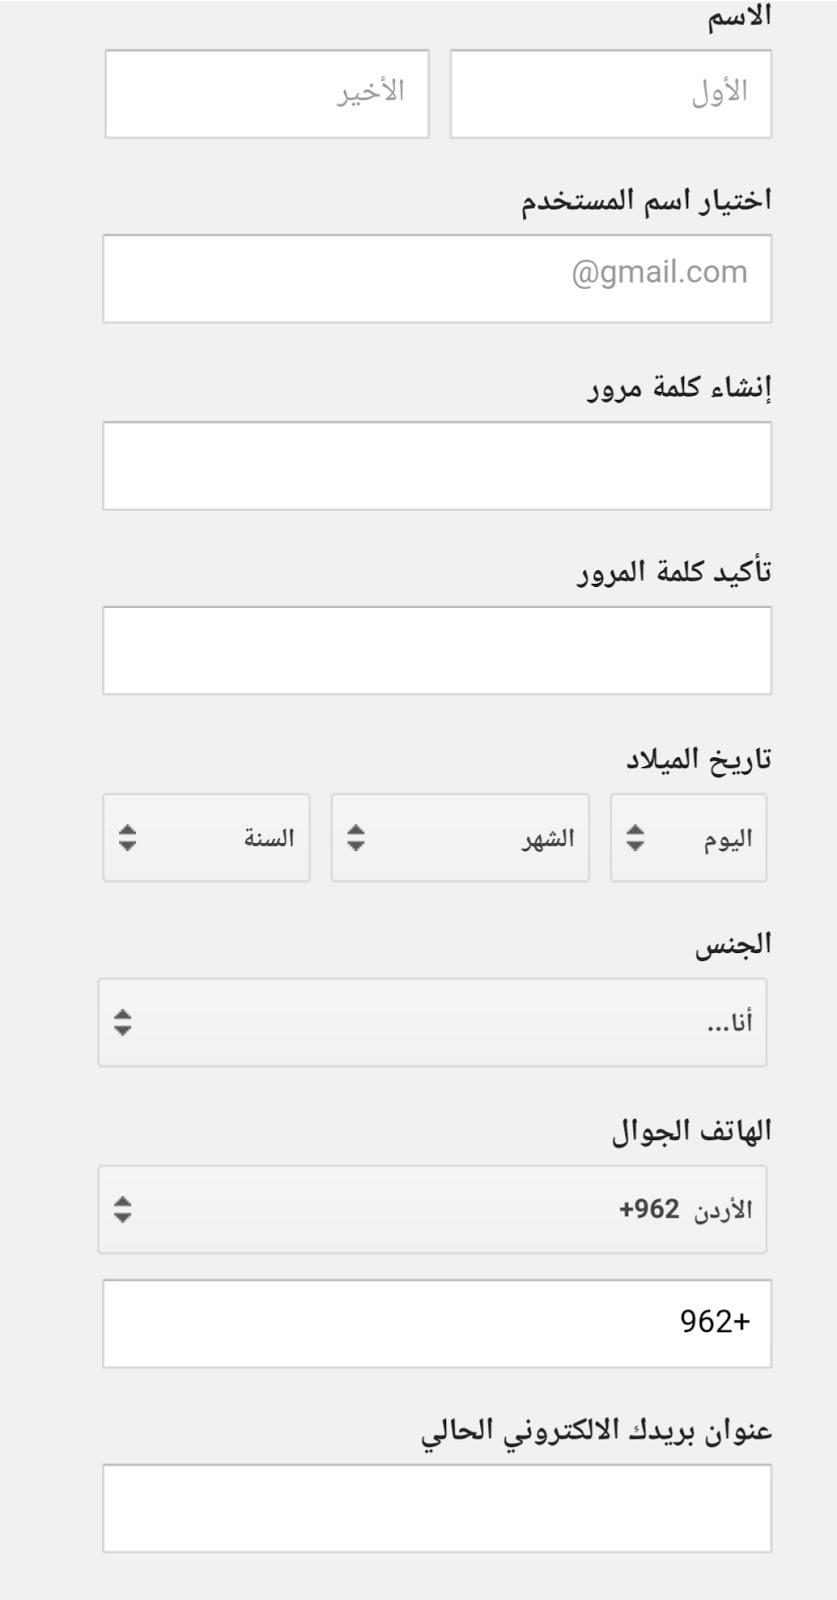 طريقة انشاء حساب Gmail مميز